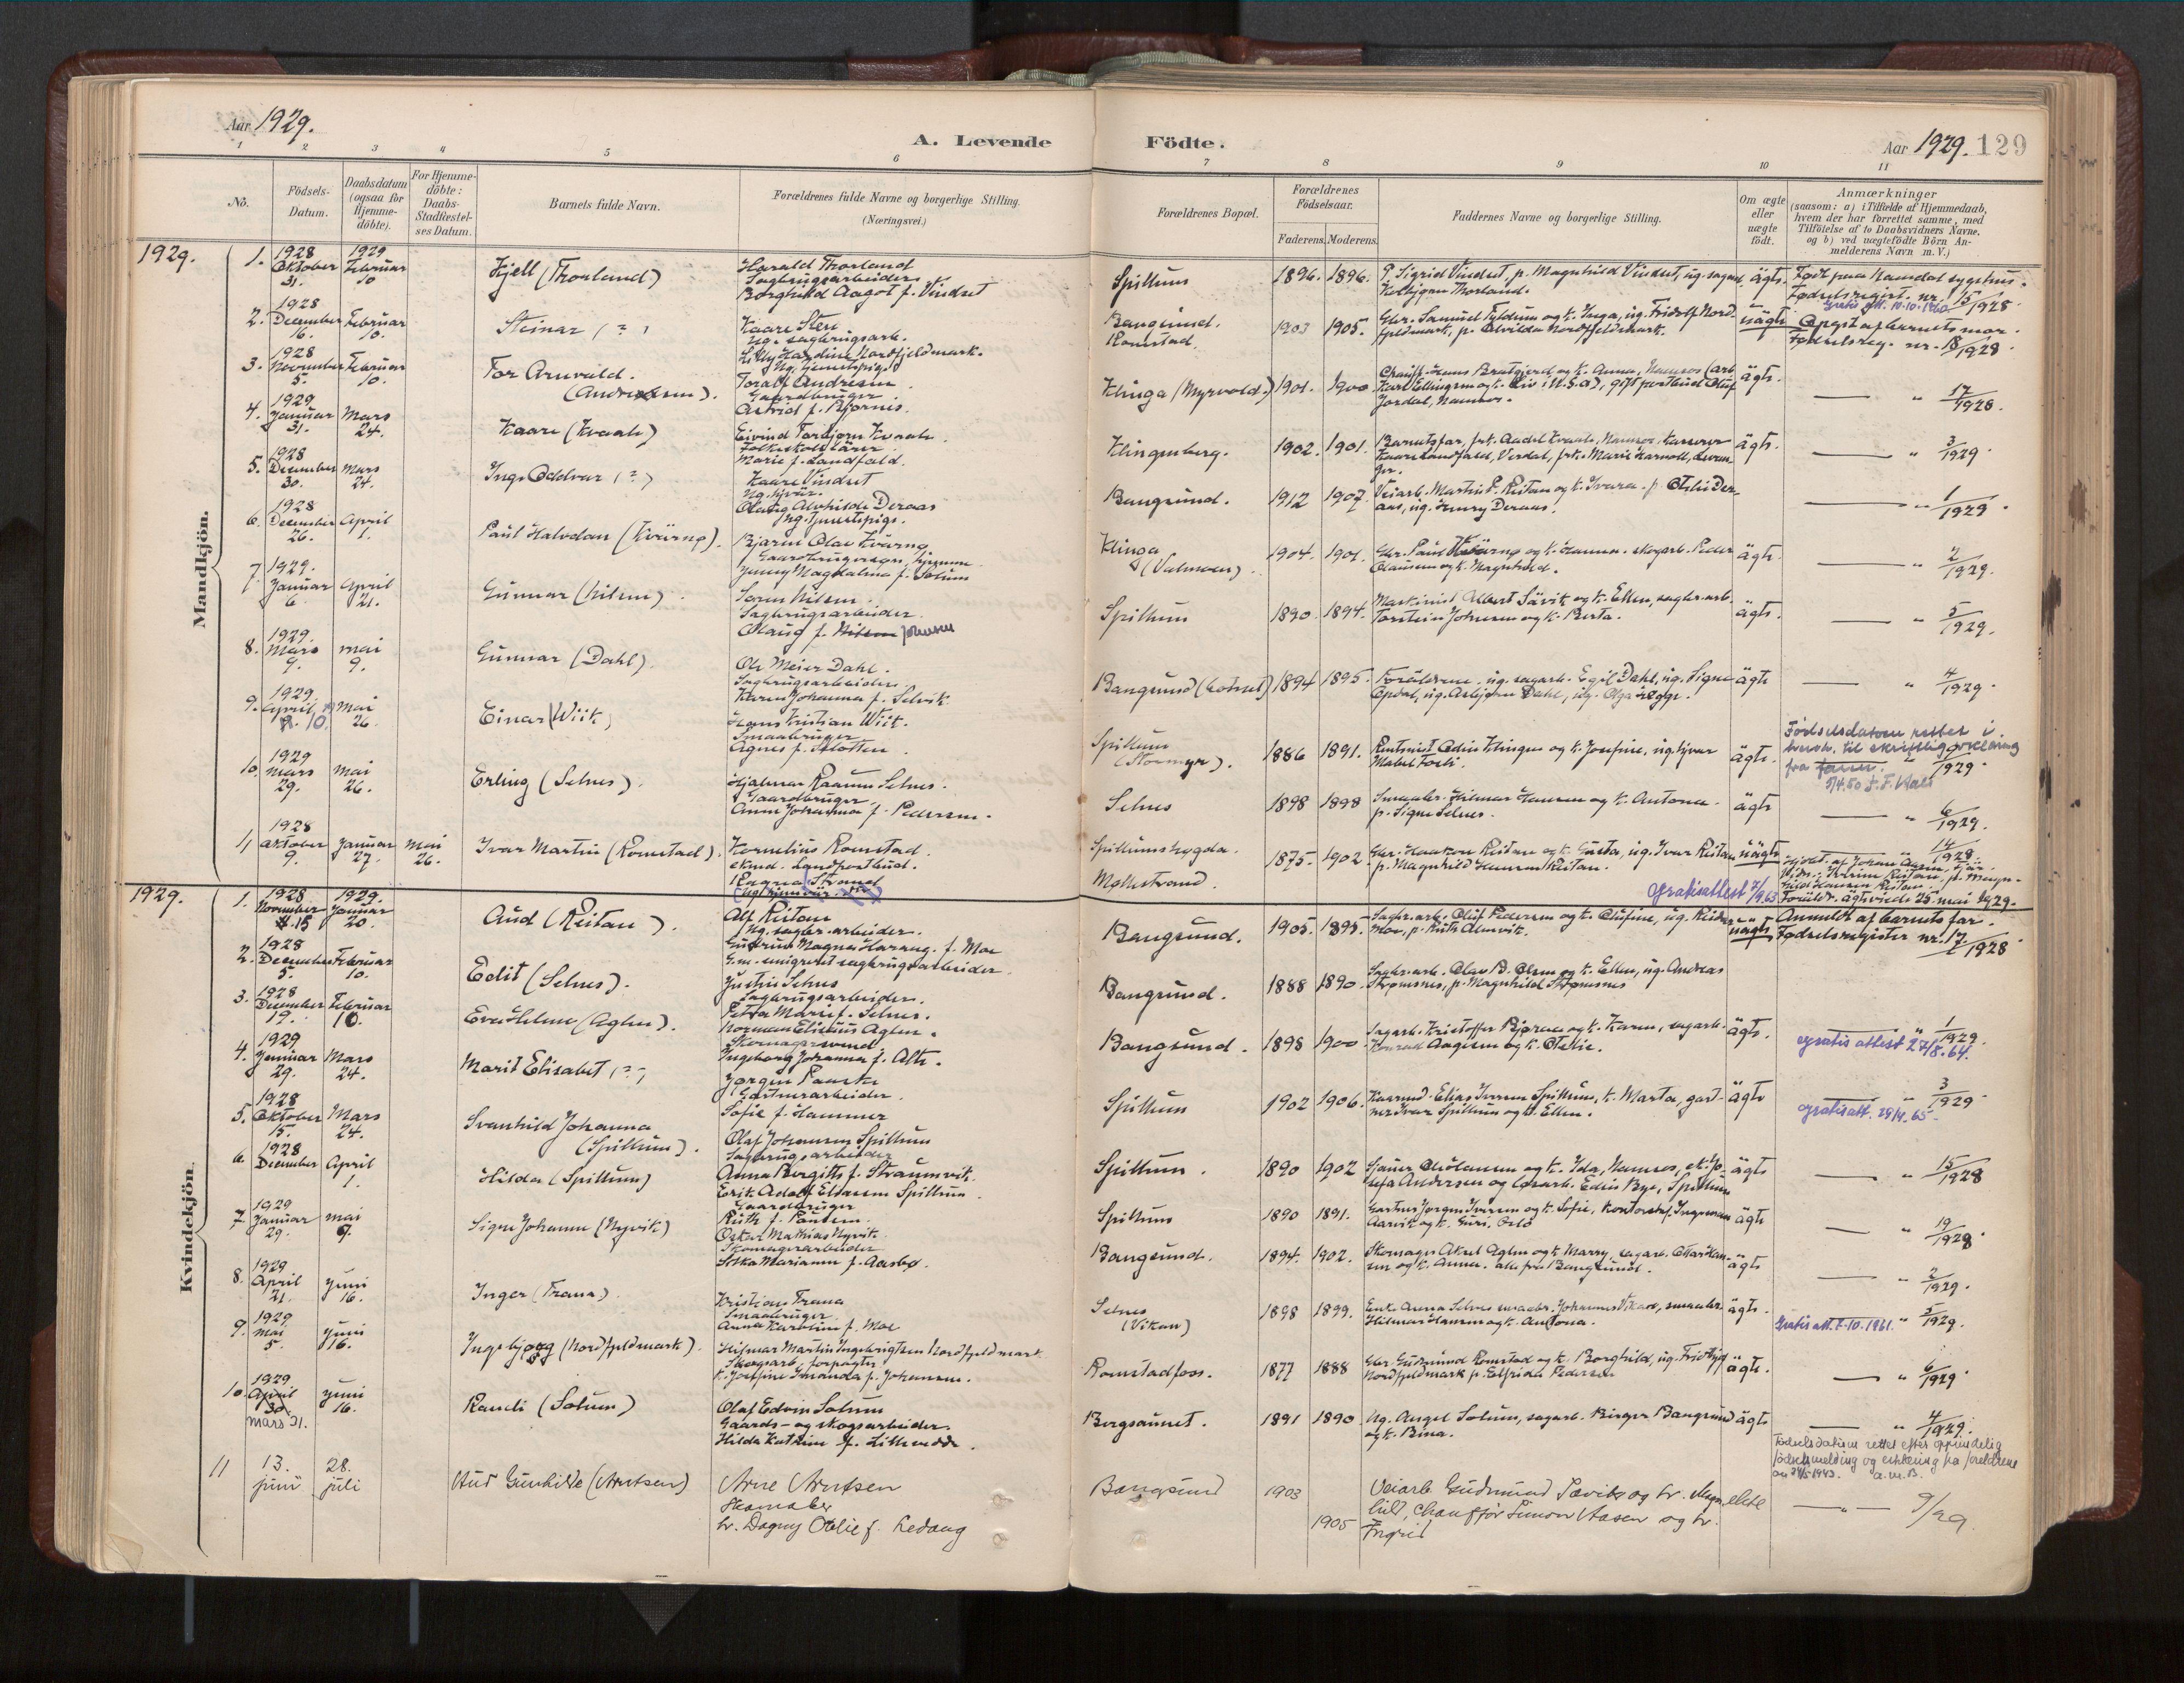 SAT, Ministerialprotokoller, klokkerbøker og fødselsregistre - Nord-Trøndelag, 770/L0589: Ministerialbok nr. 770A03, 1887-1929, s. 129